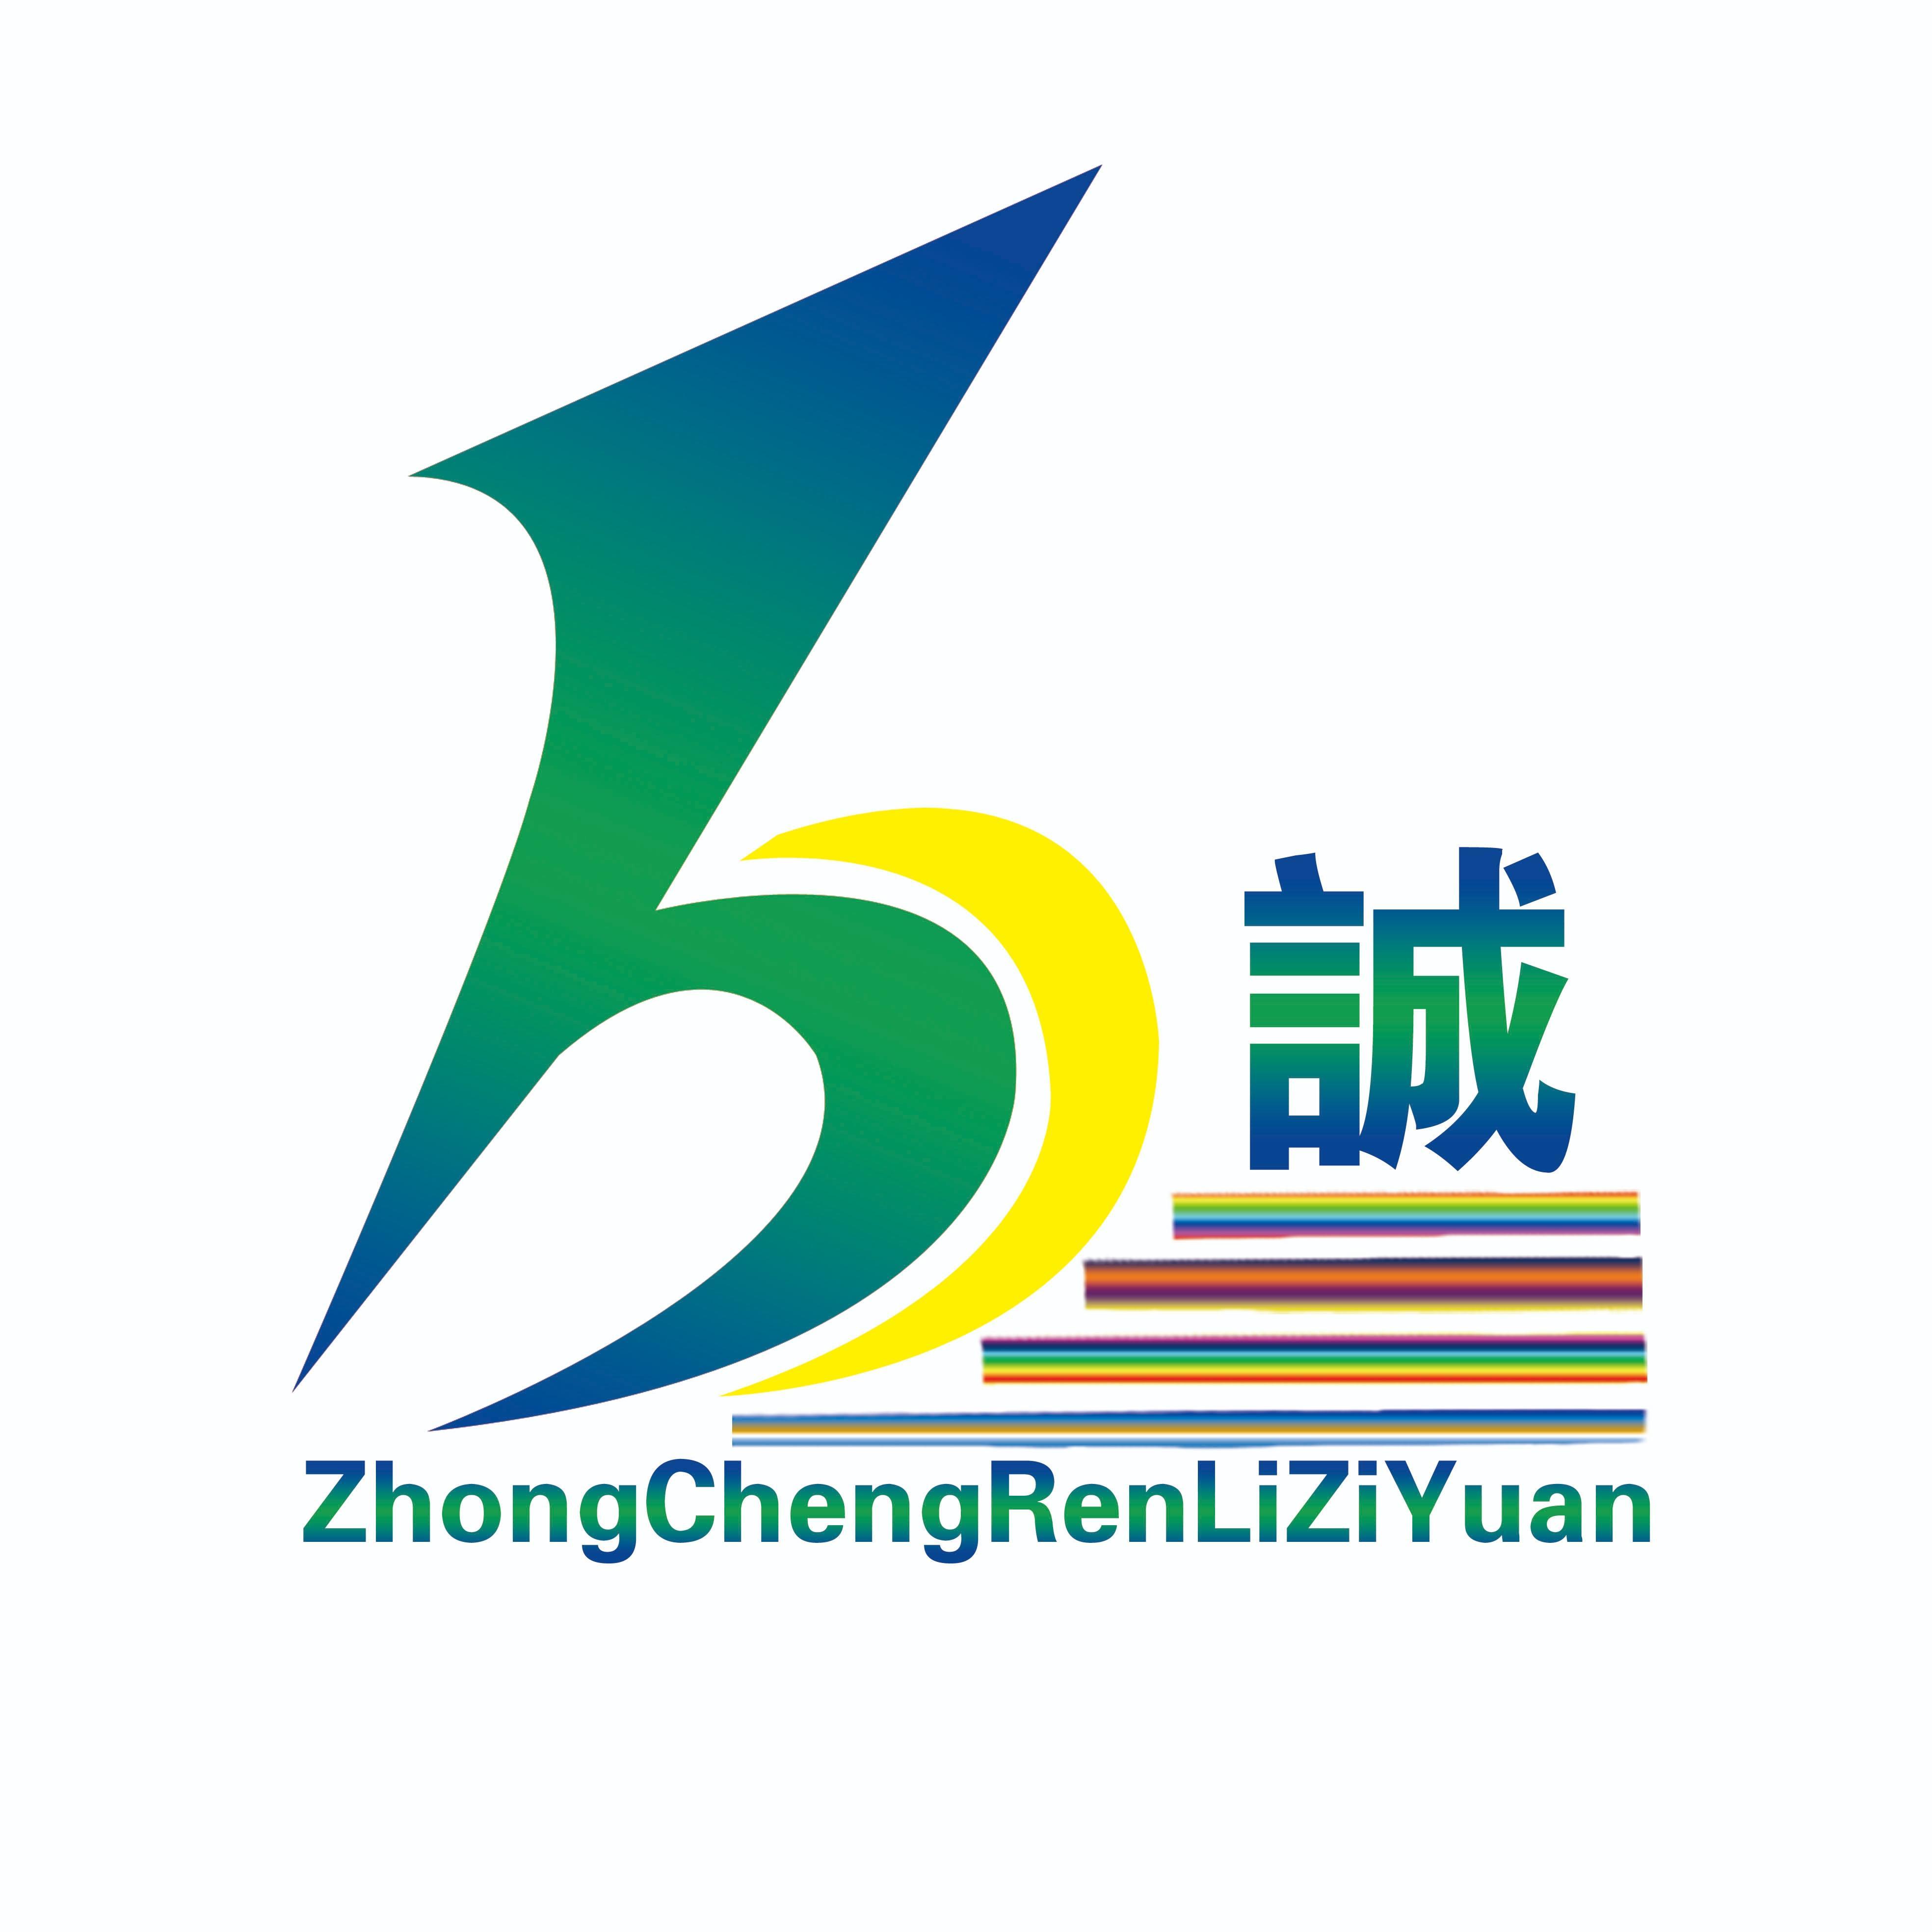 昌吉市众诚人力资源服务有限公司